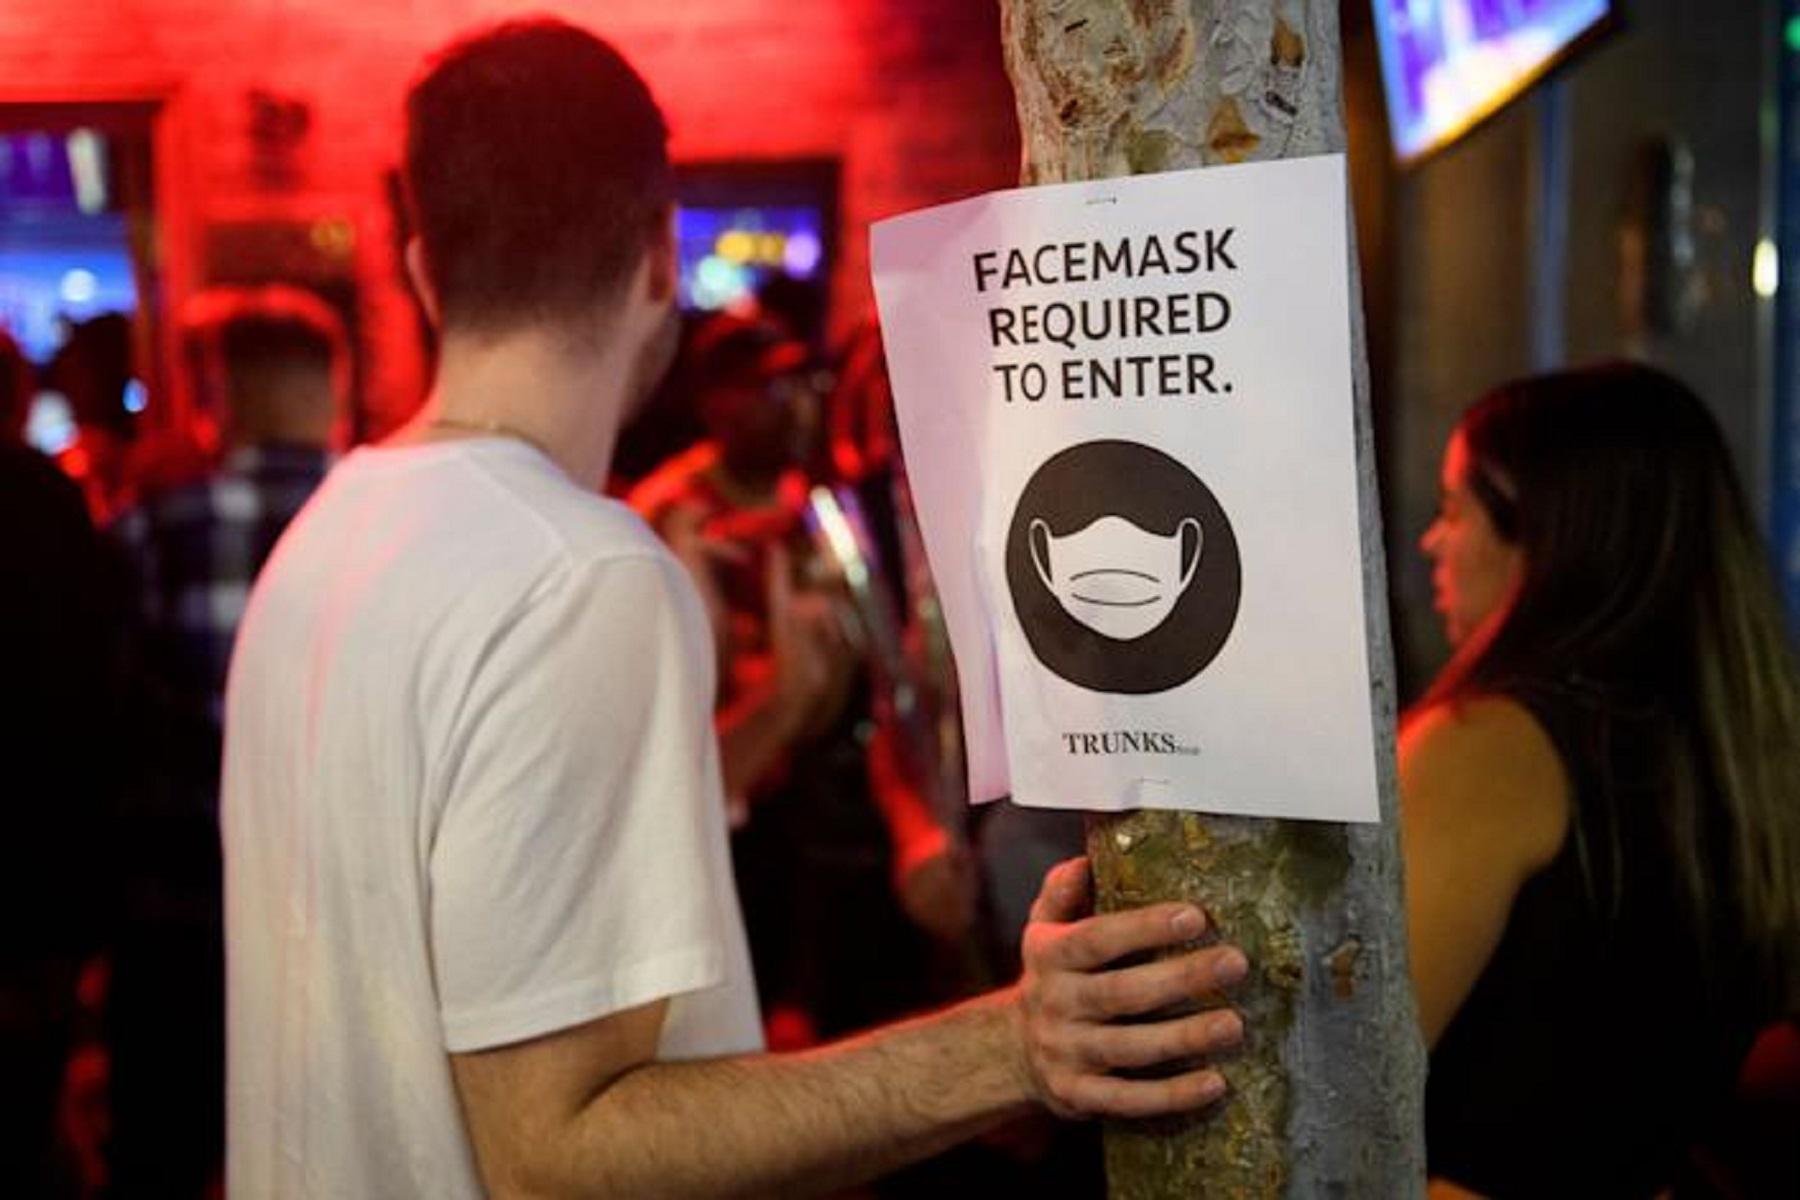 Κομητεία Sacramento: Συμβουλεύει τους εμβολιασμένους ανθρώπους να φορούν μάσκες σε εσωτερικούς χώρους